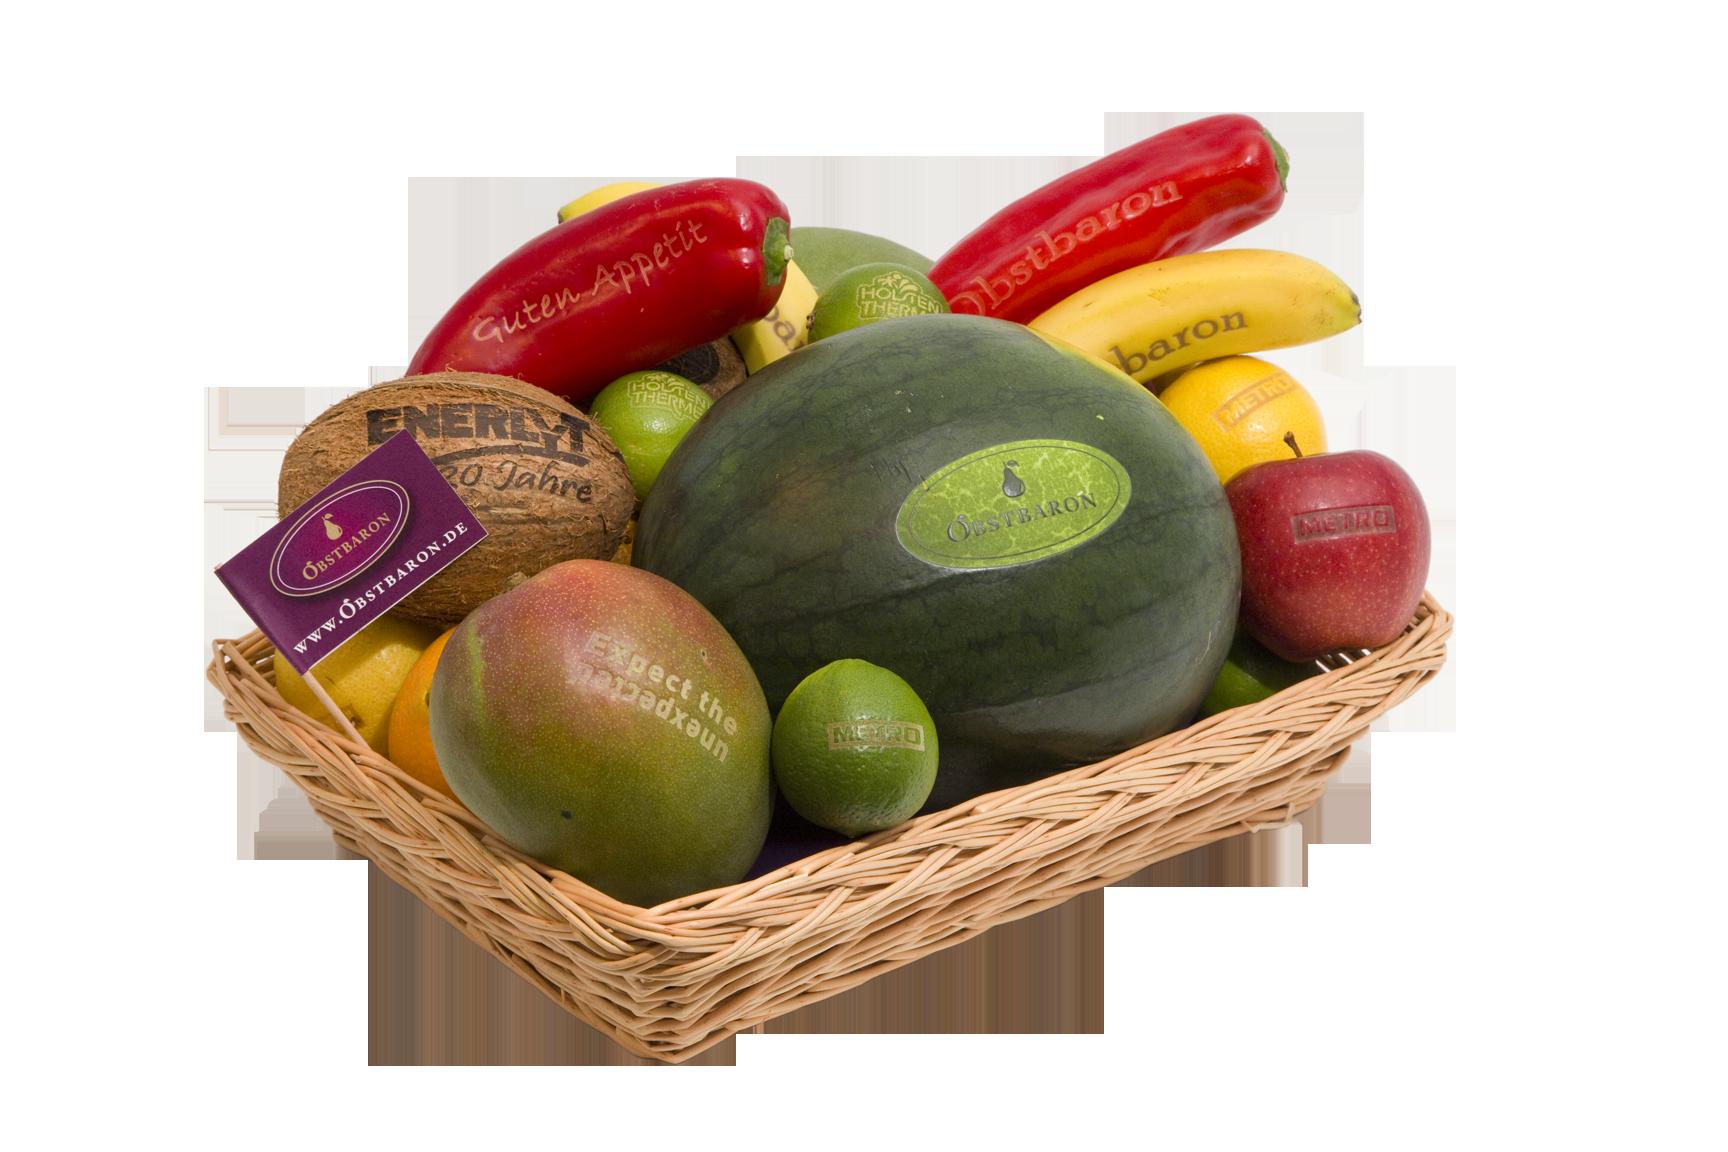 Obst Lieferdienst